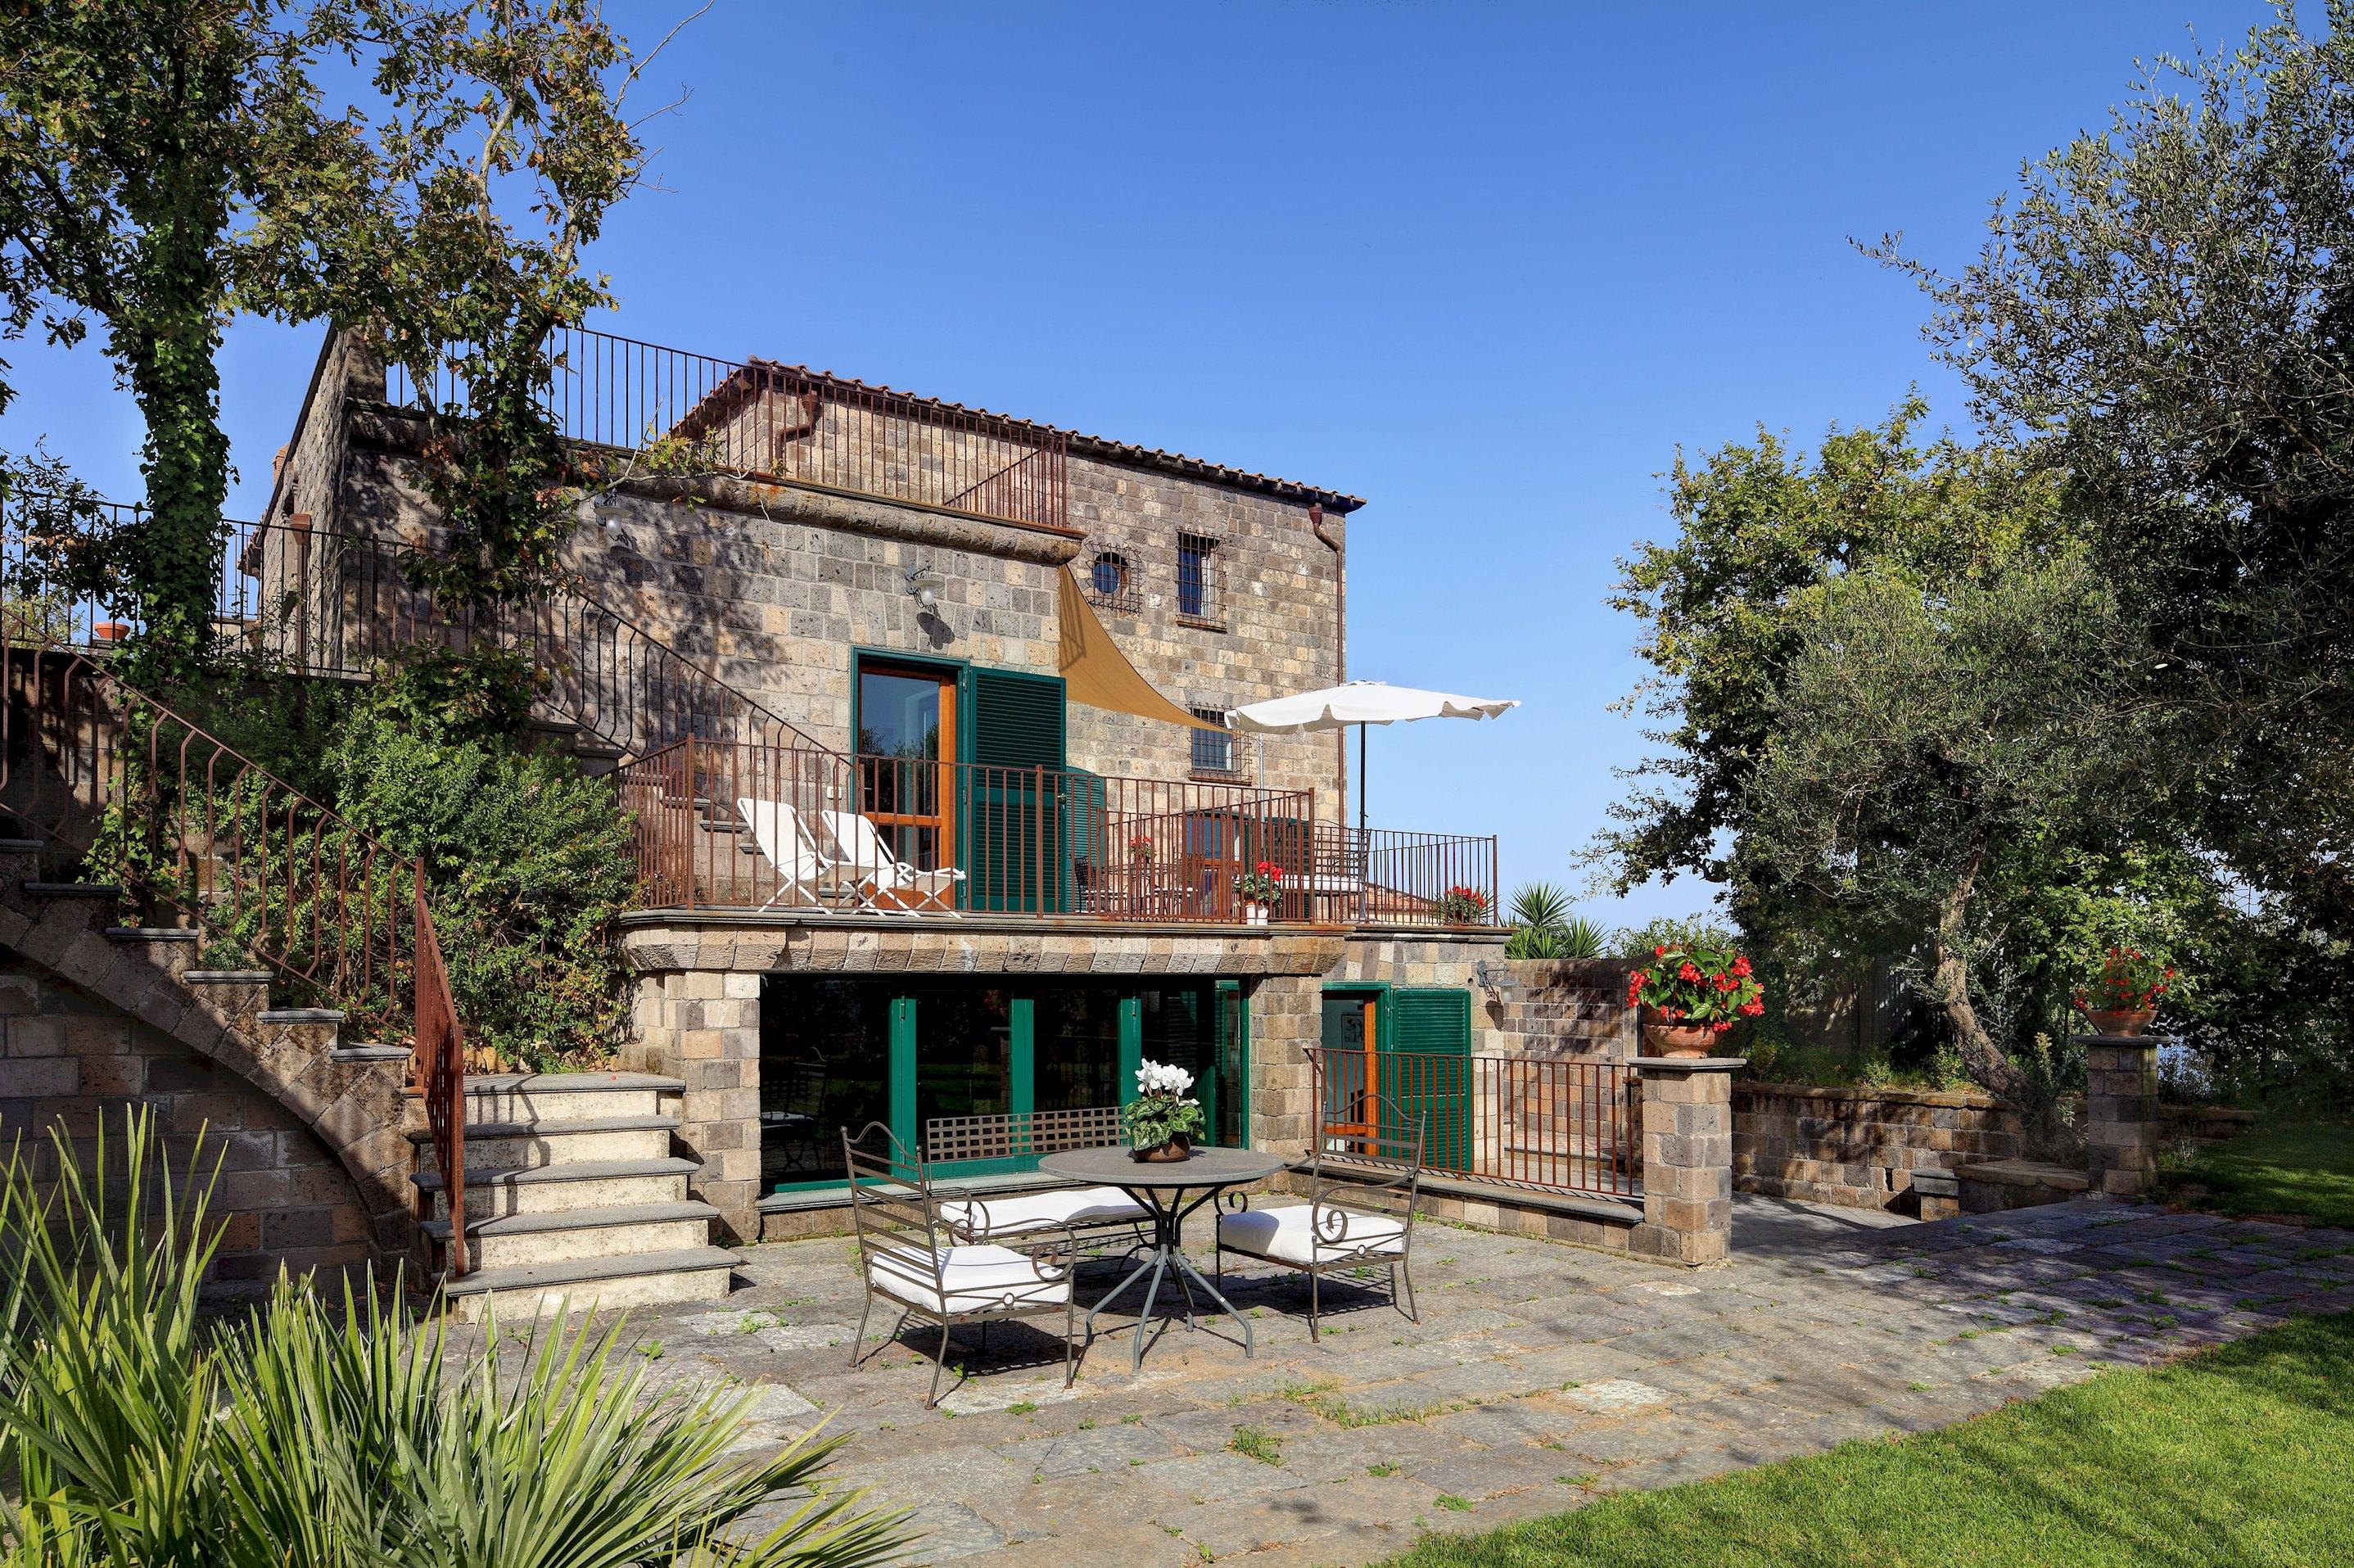 Apartment Villa Vesuvio - Luxury and Beauty photo 25033397